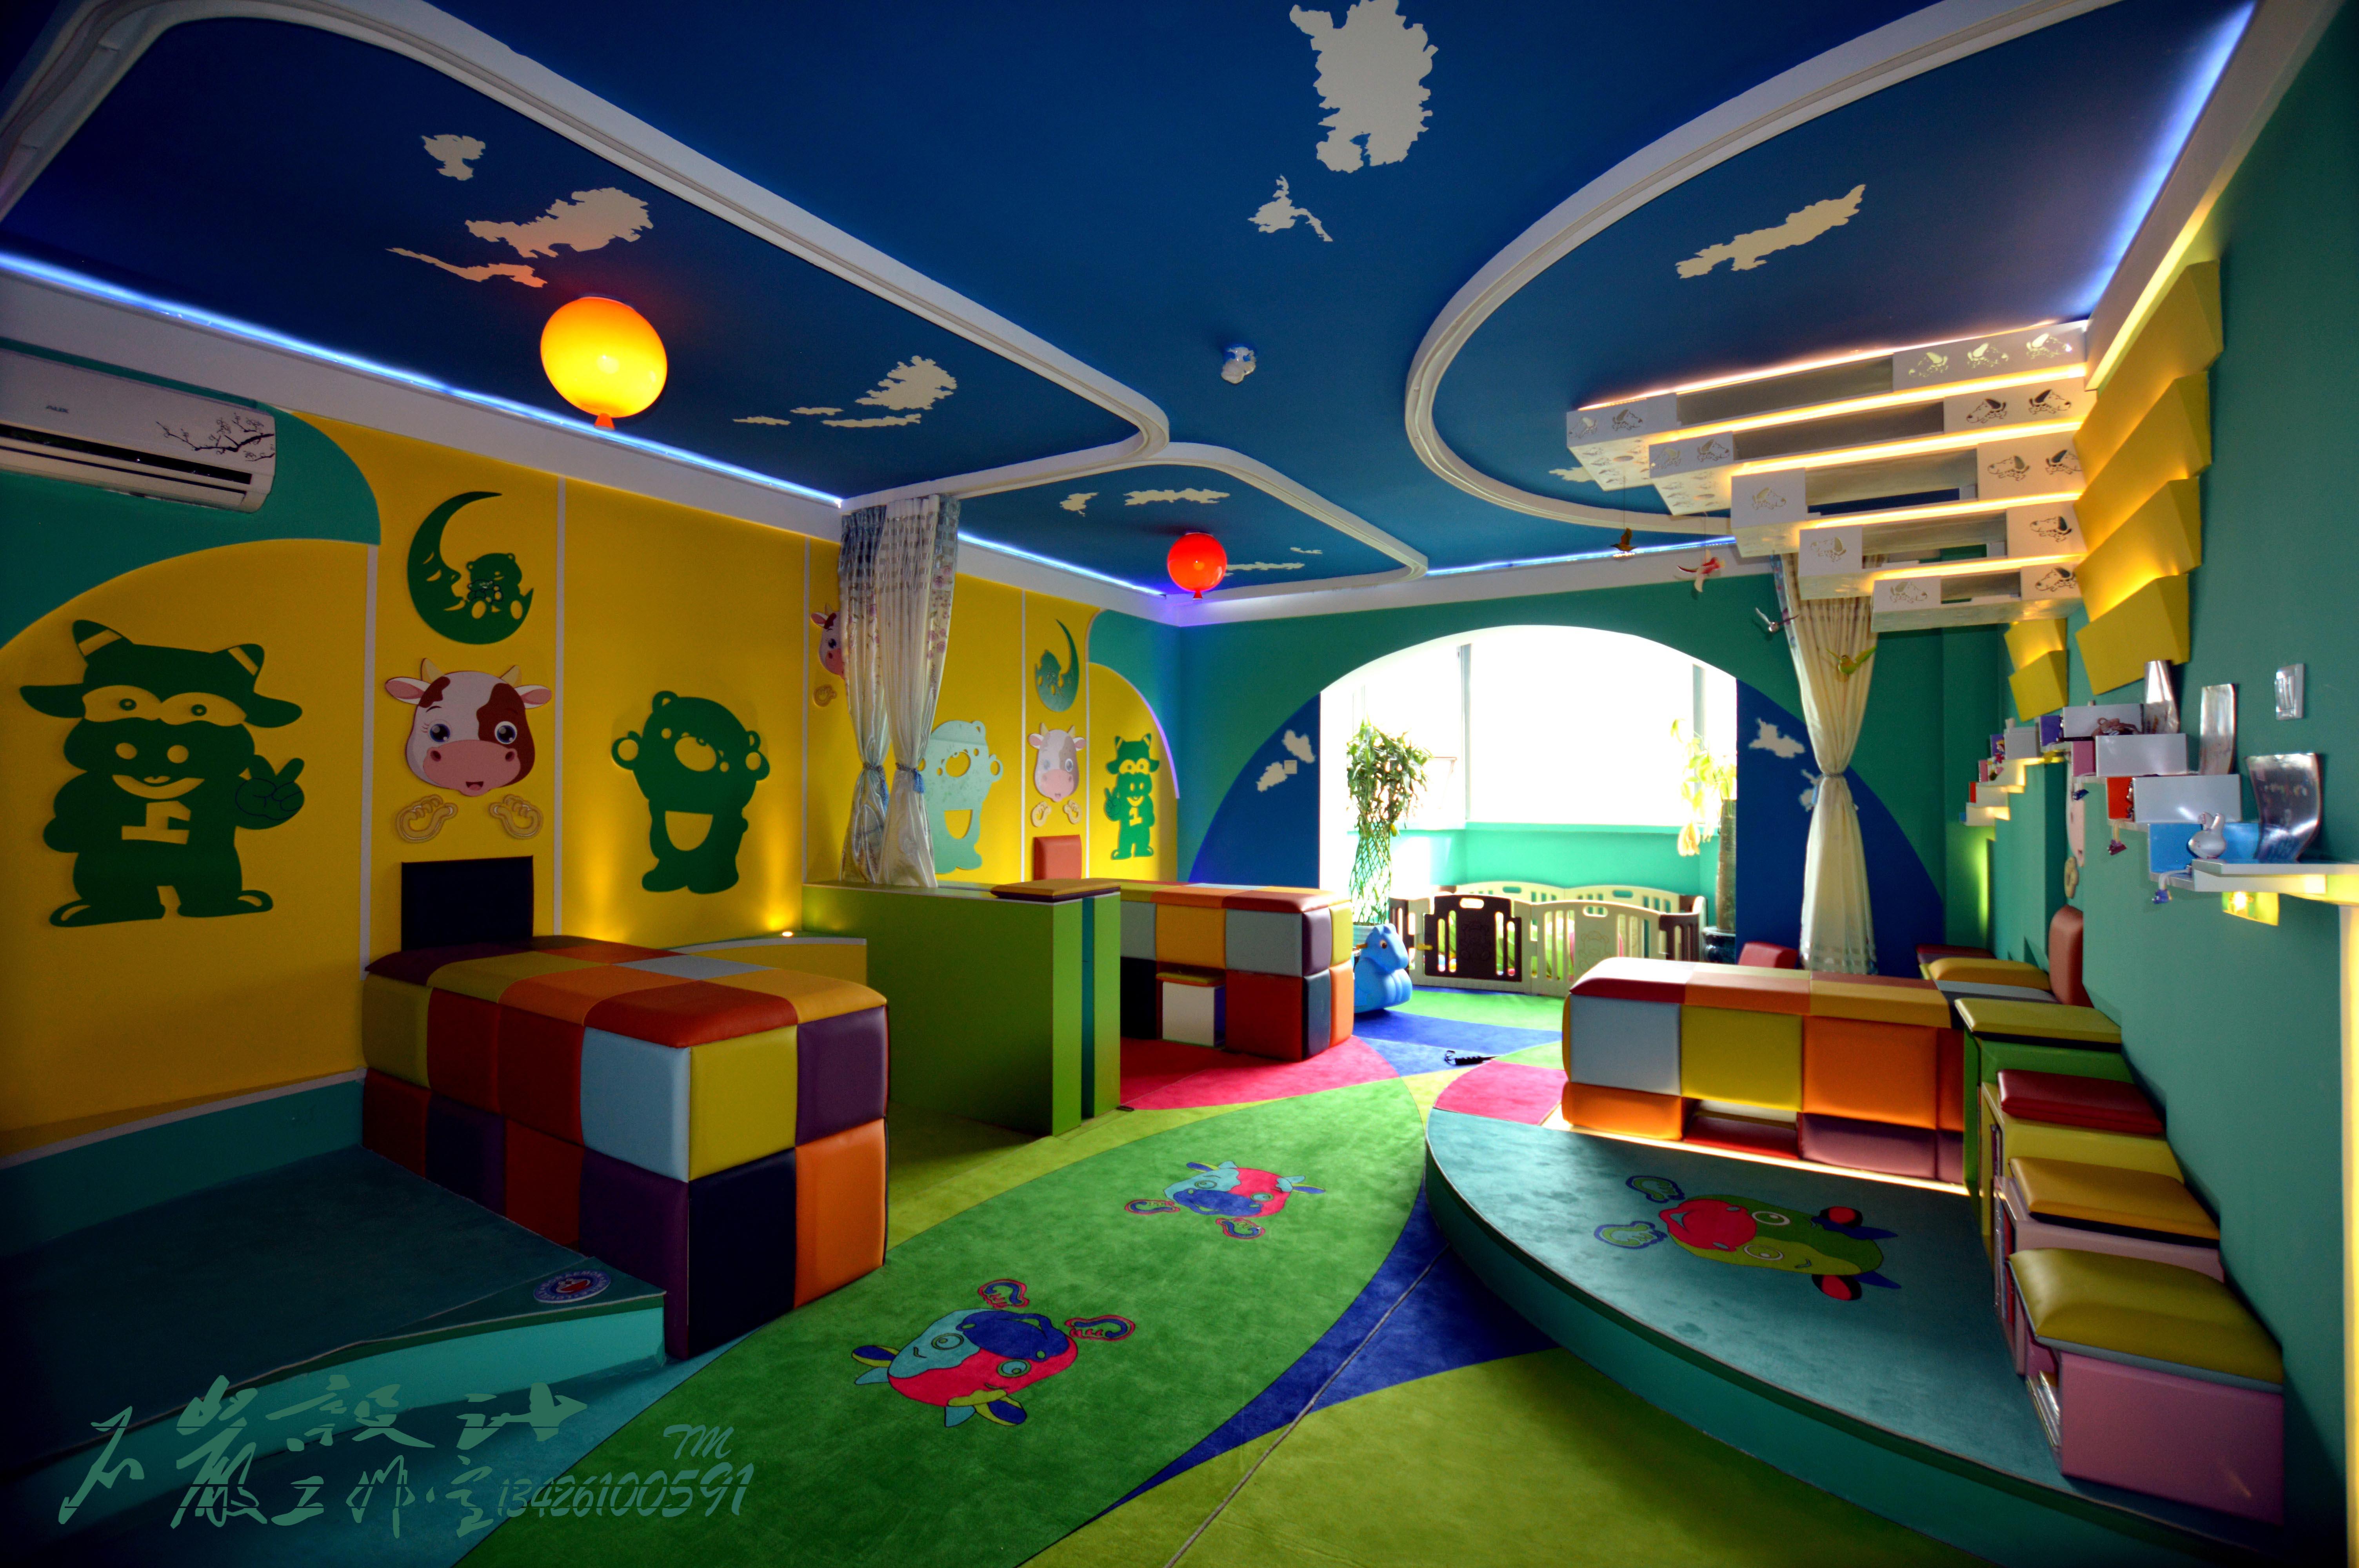 旧房改造 田园 混搭 简约 其他图片来自岩然创意在儿童色彩乐园(小儿推拿室)的分享